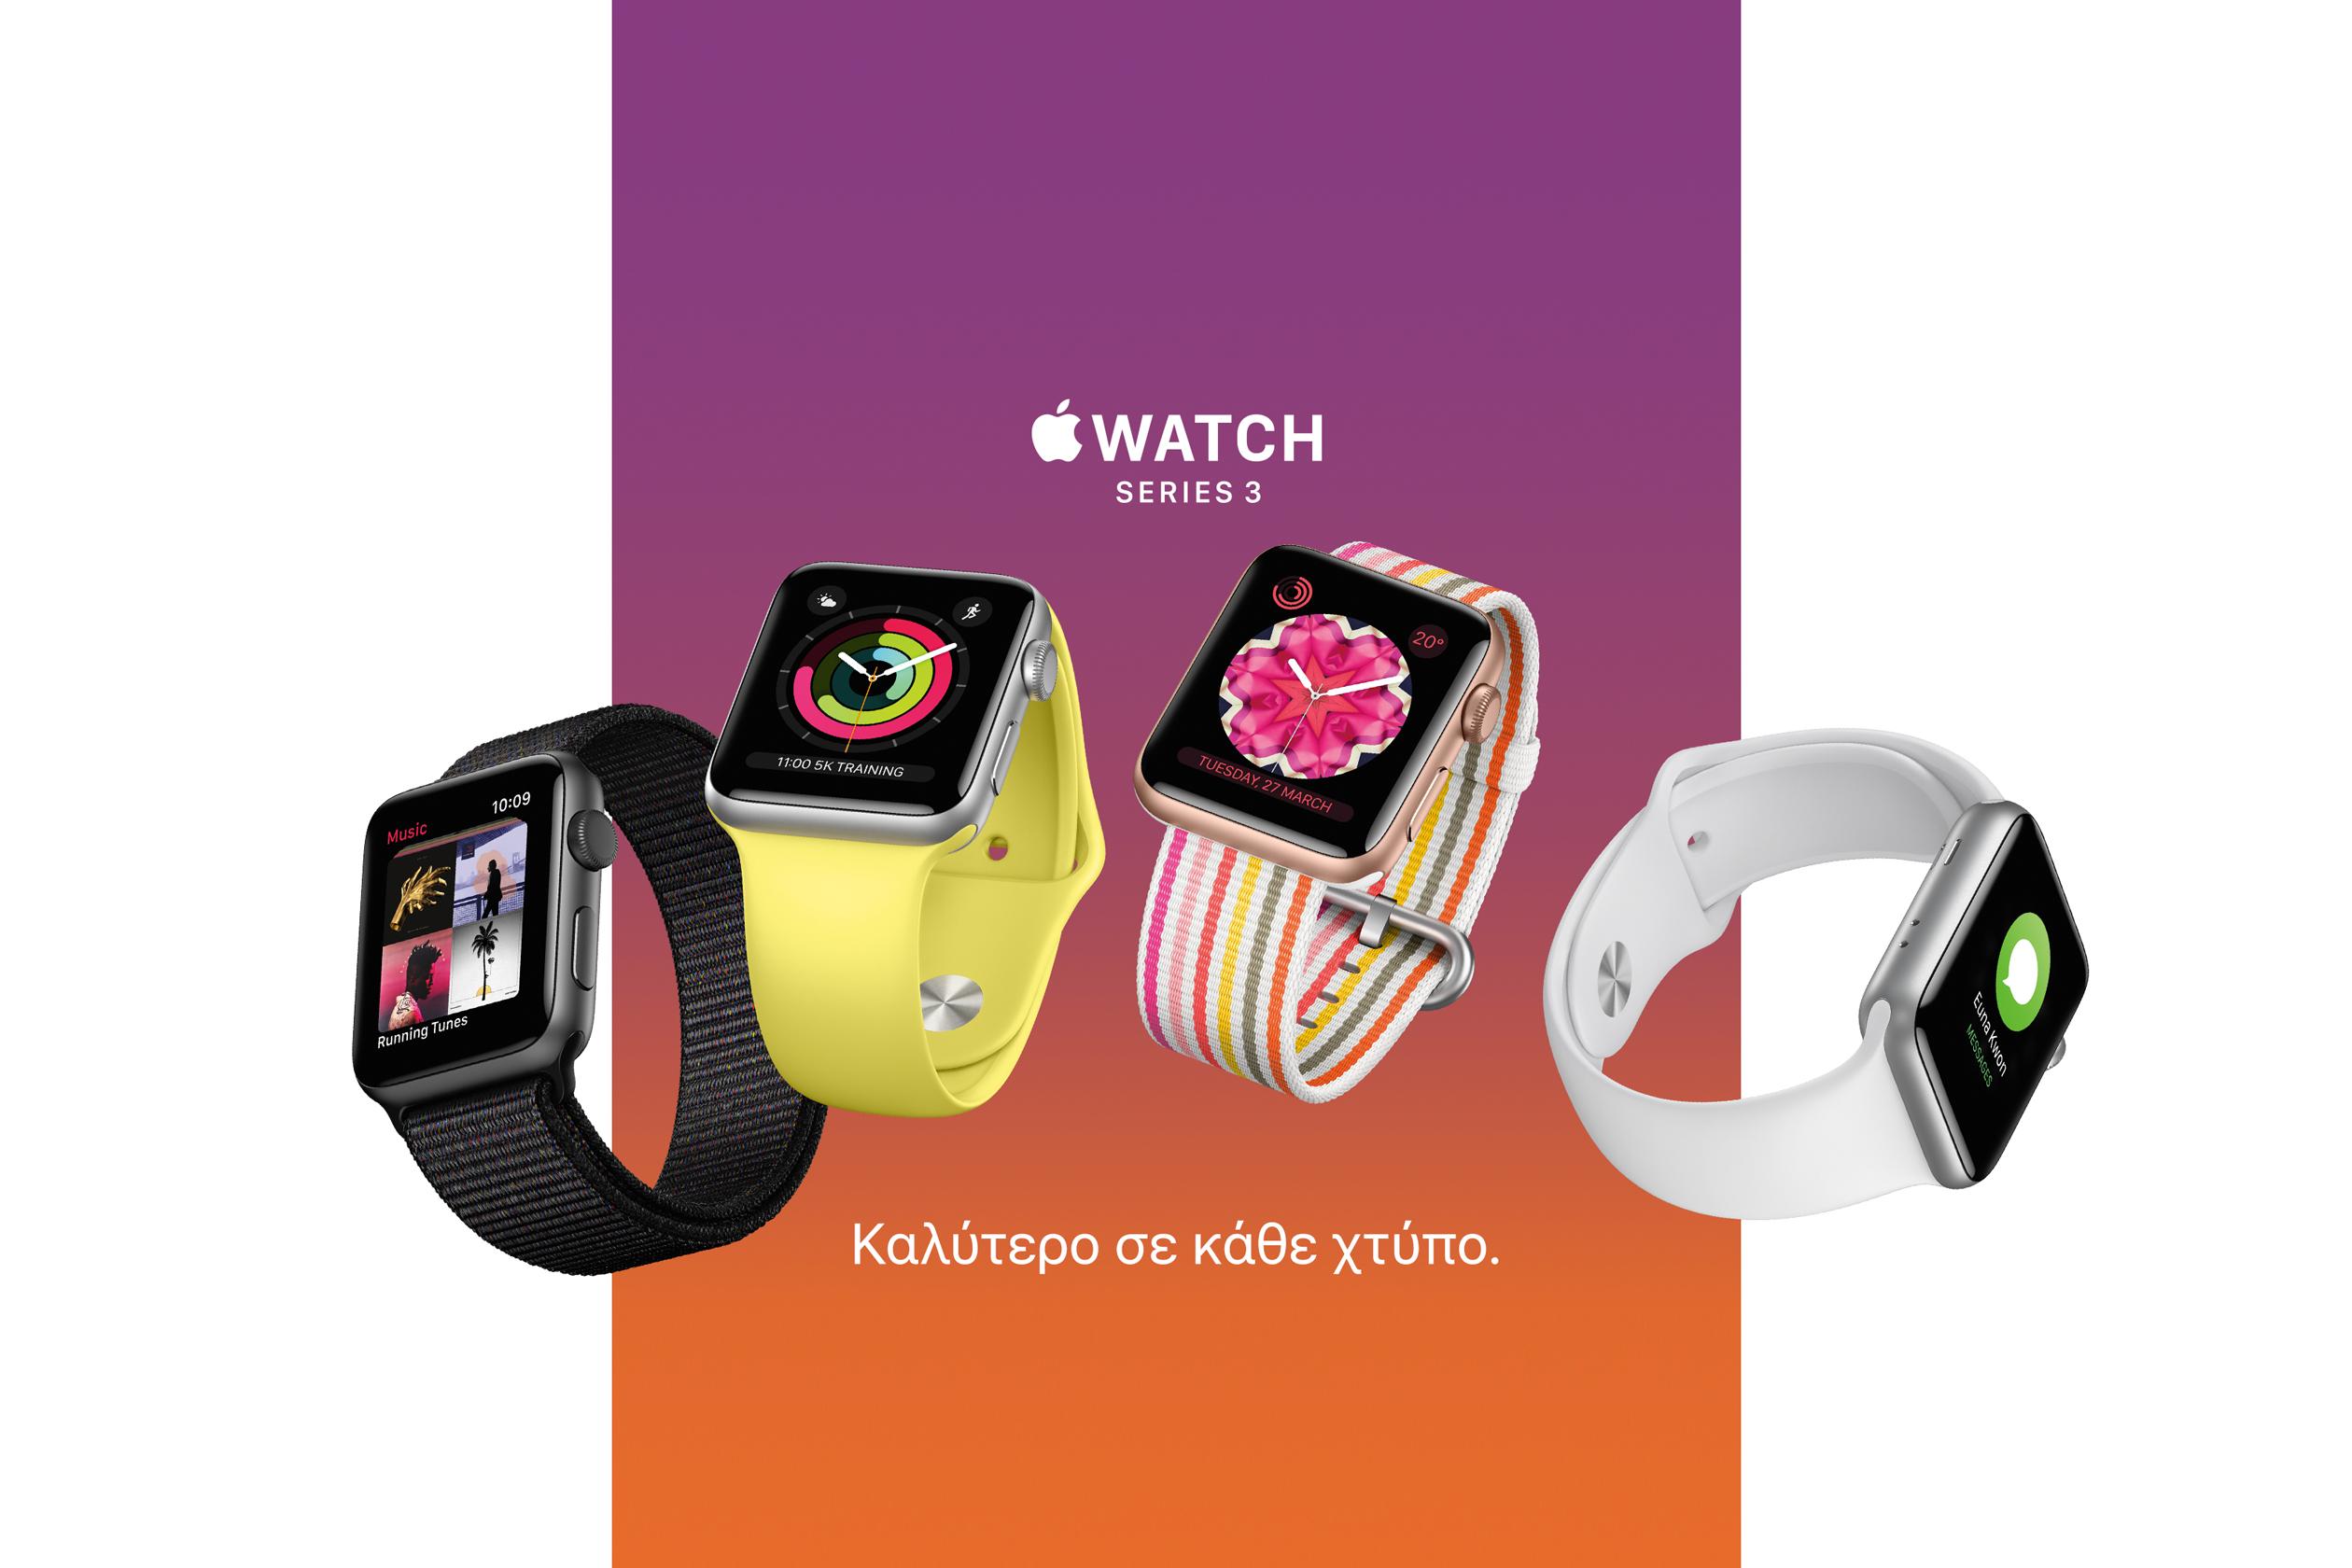 """Apple Watch. Καλύτερο σε κάθε χτύπο."""" class="""